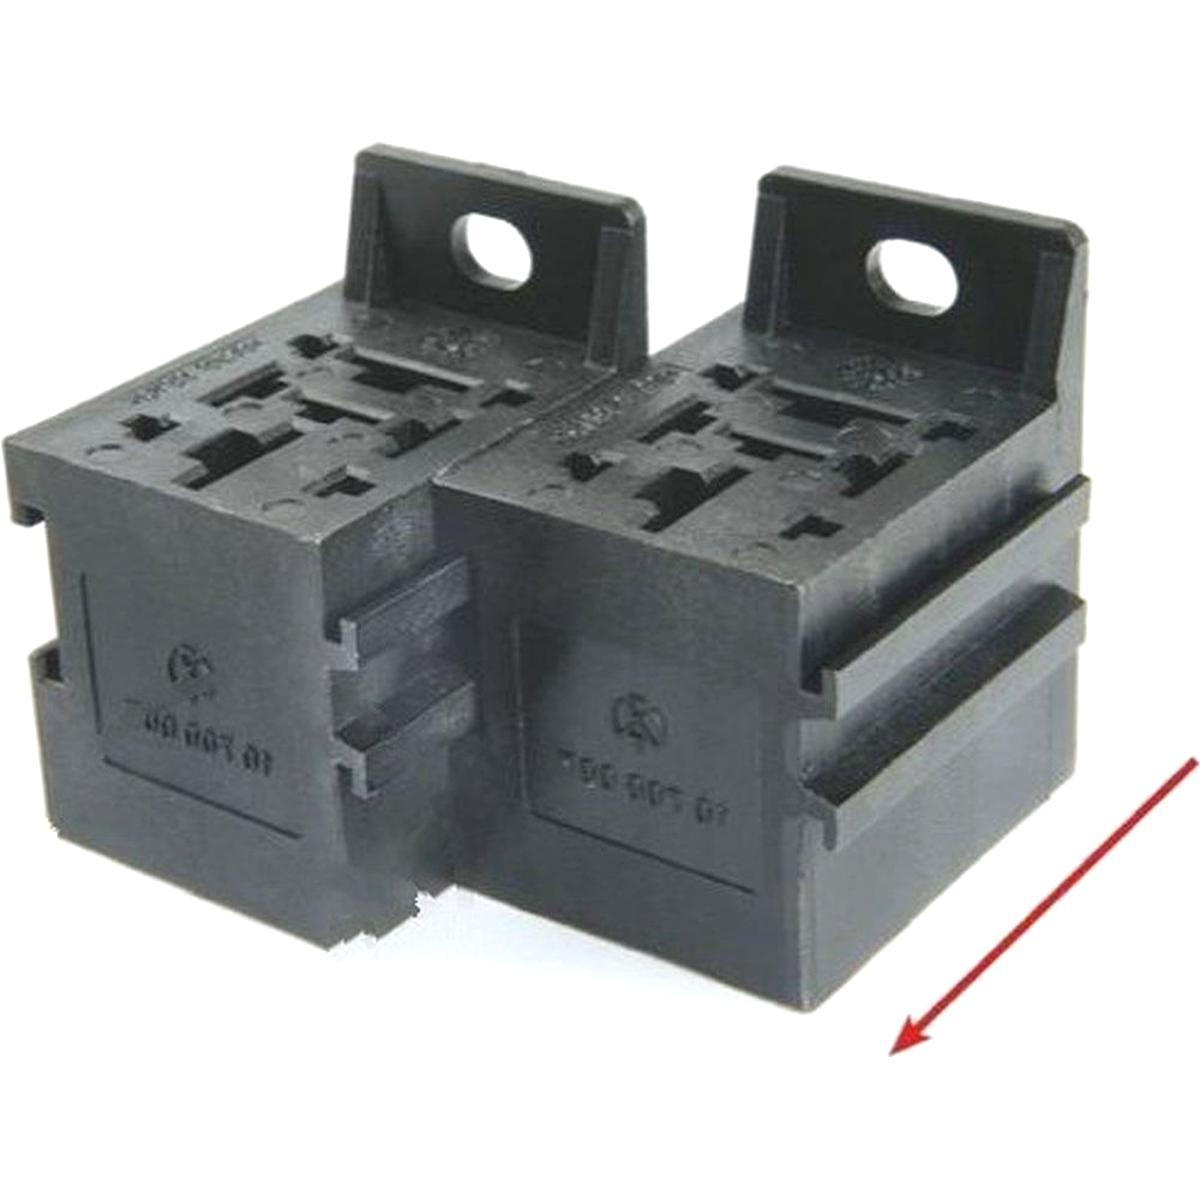 Sockel RAPA  Relais CK-G-50-003  24V